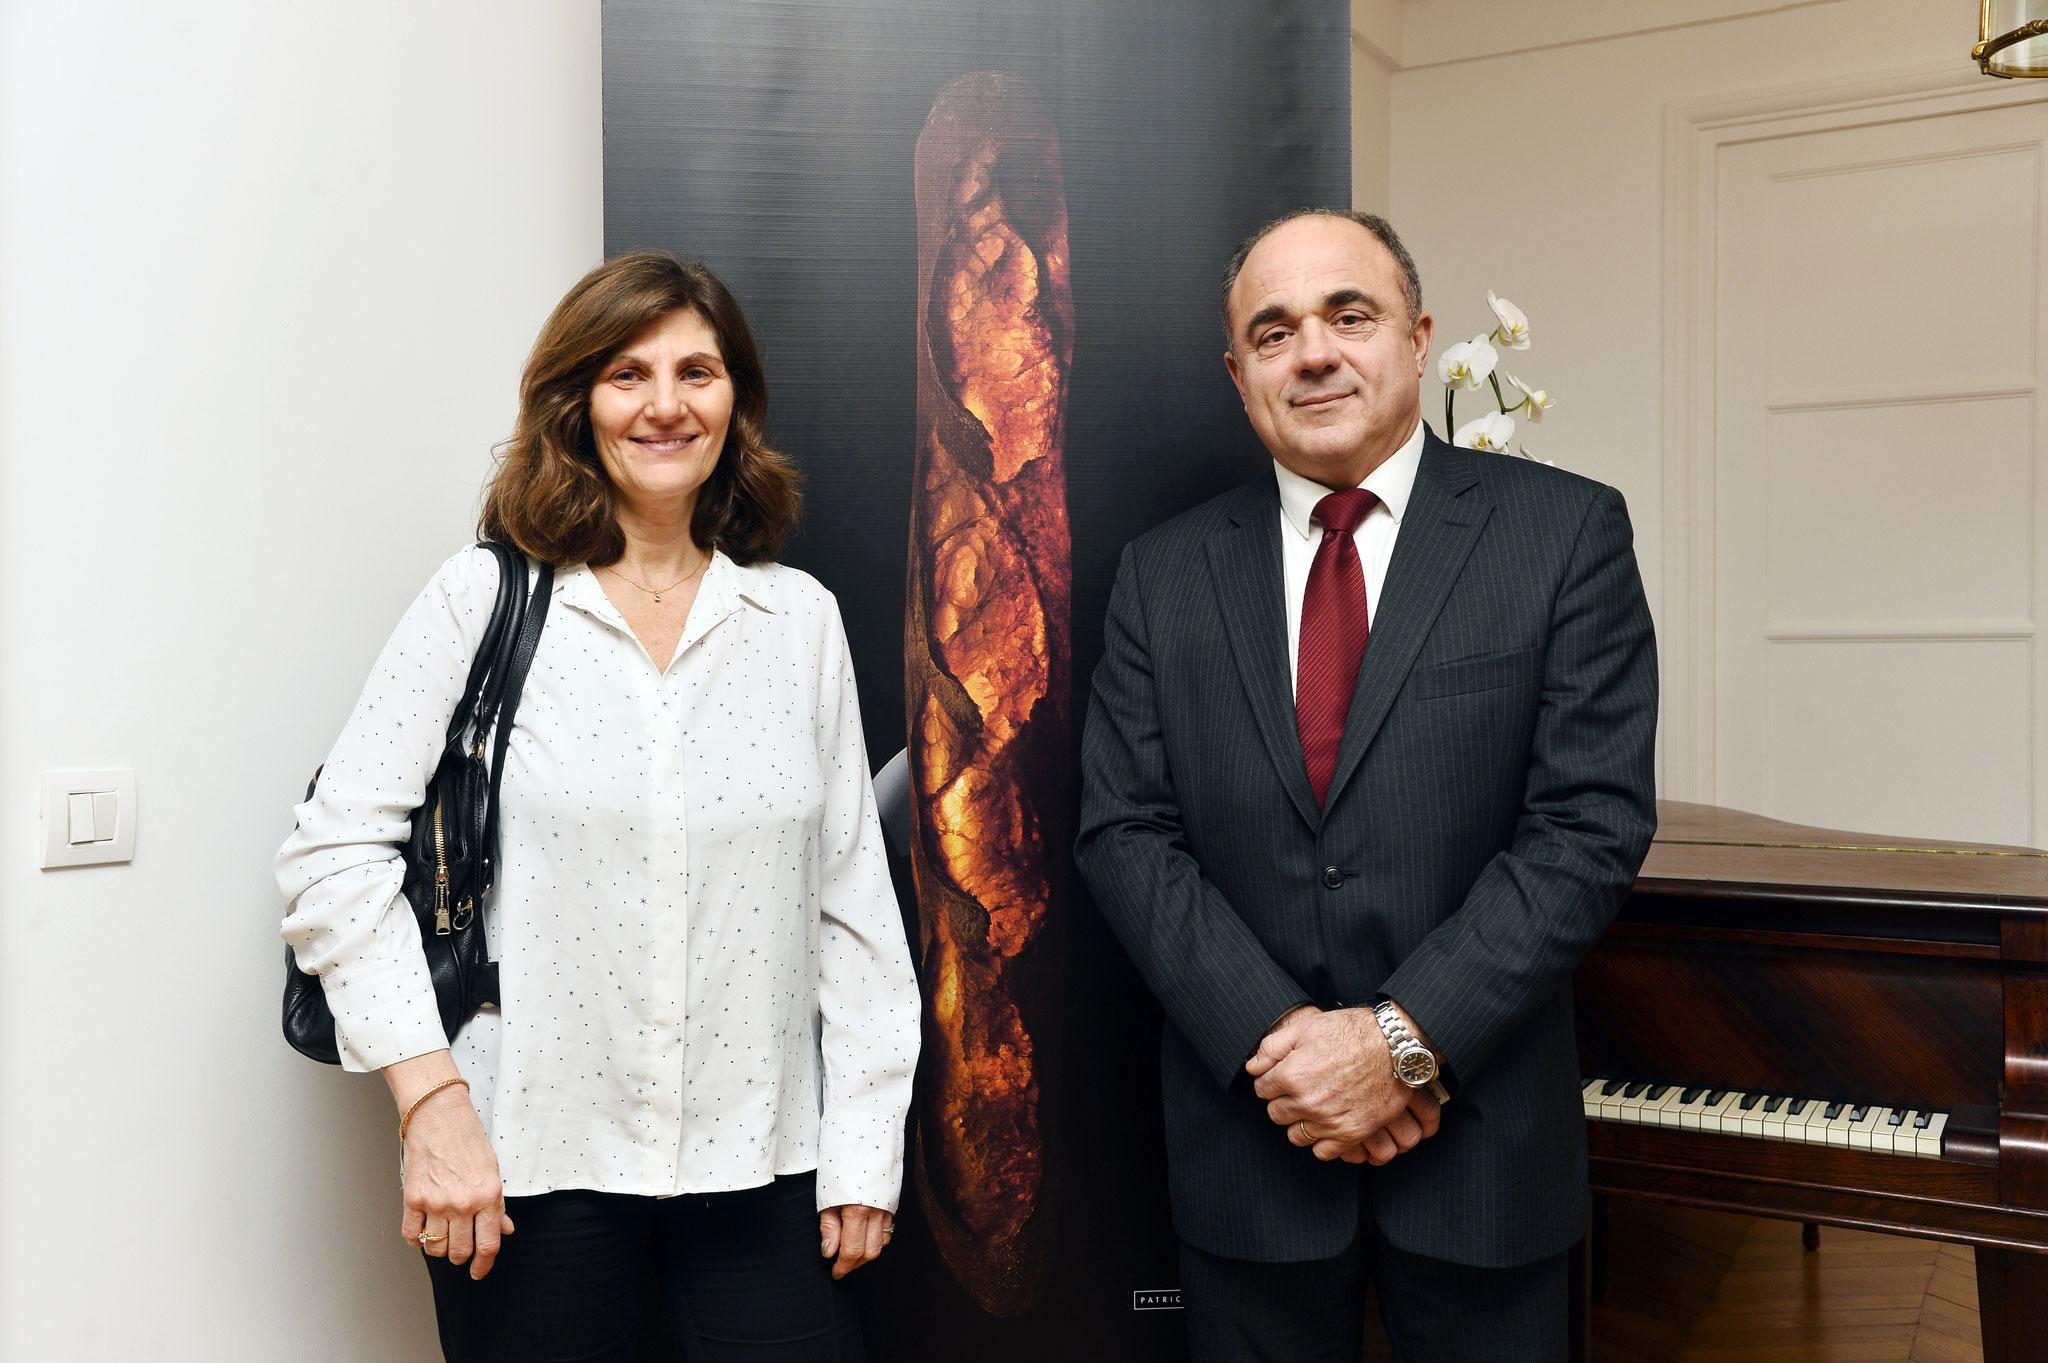 Mme Diane Doré, Secrétaire Générale de la CSFL au côté de M. Dominique Anract, Président de la CNBPF